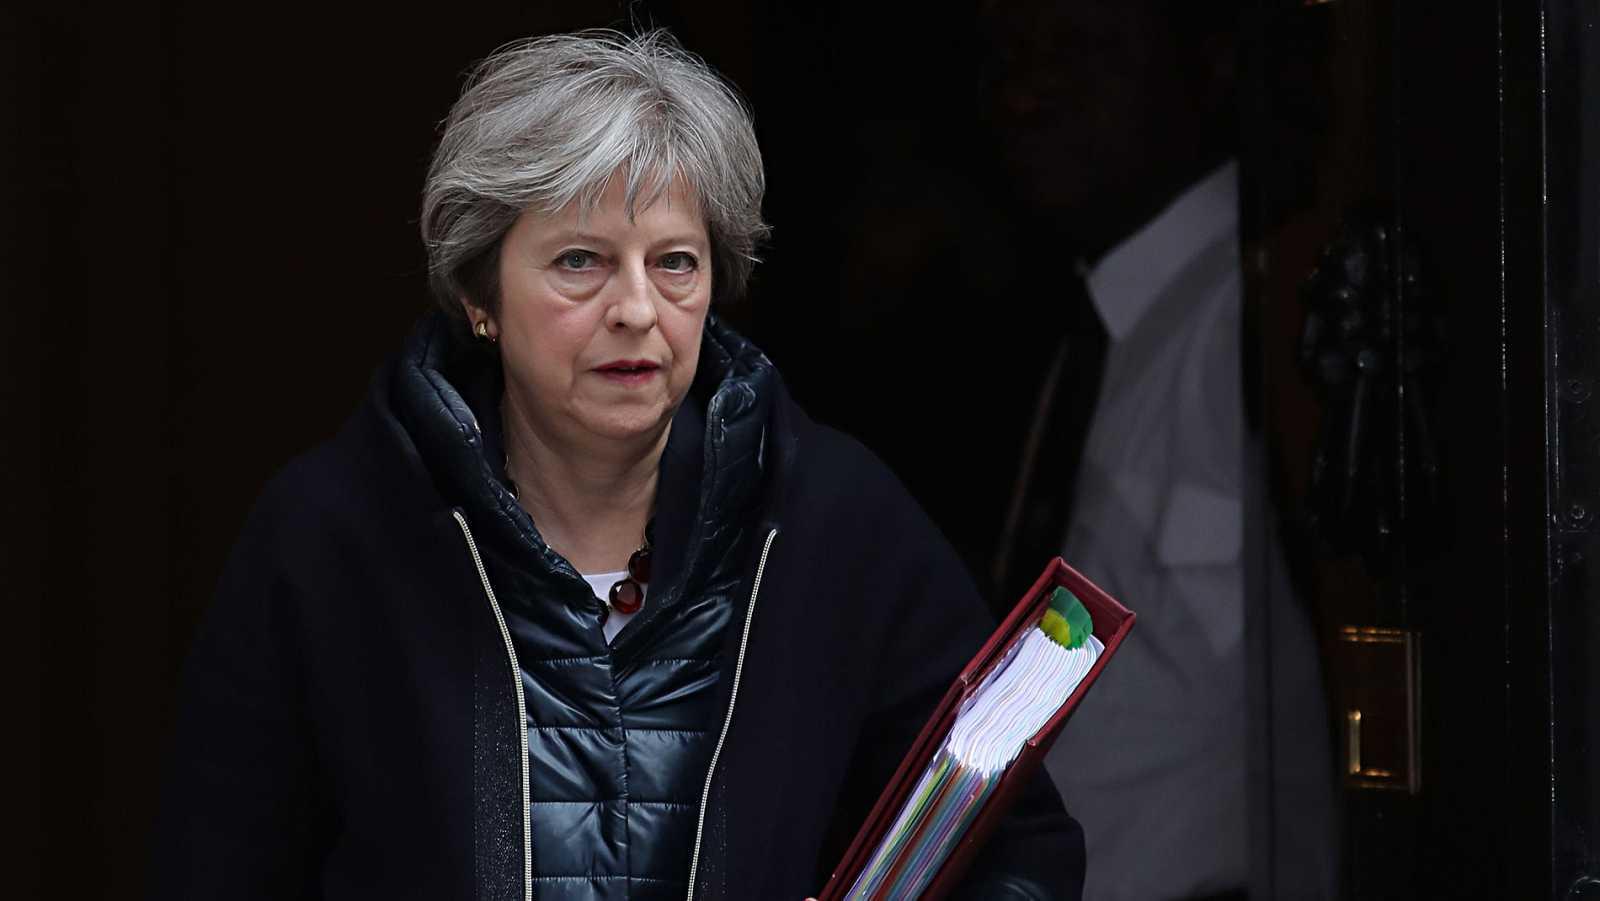 Reino Unido expulsa a 23 diplomáticos rusos por el envenenamiento del exespía Sergei Skripal